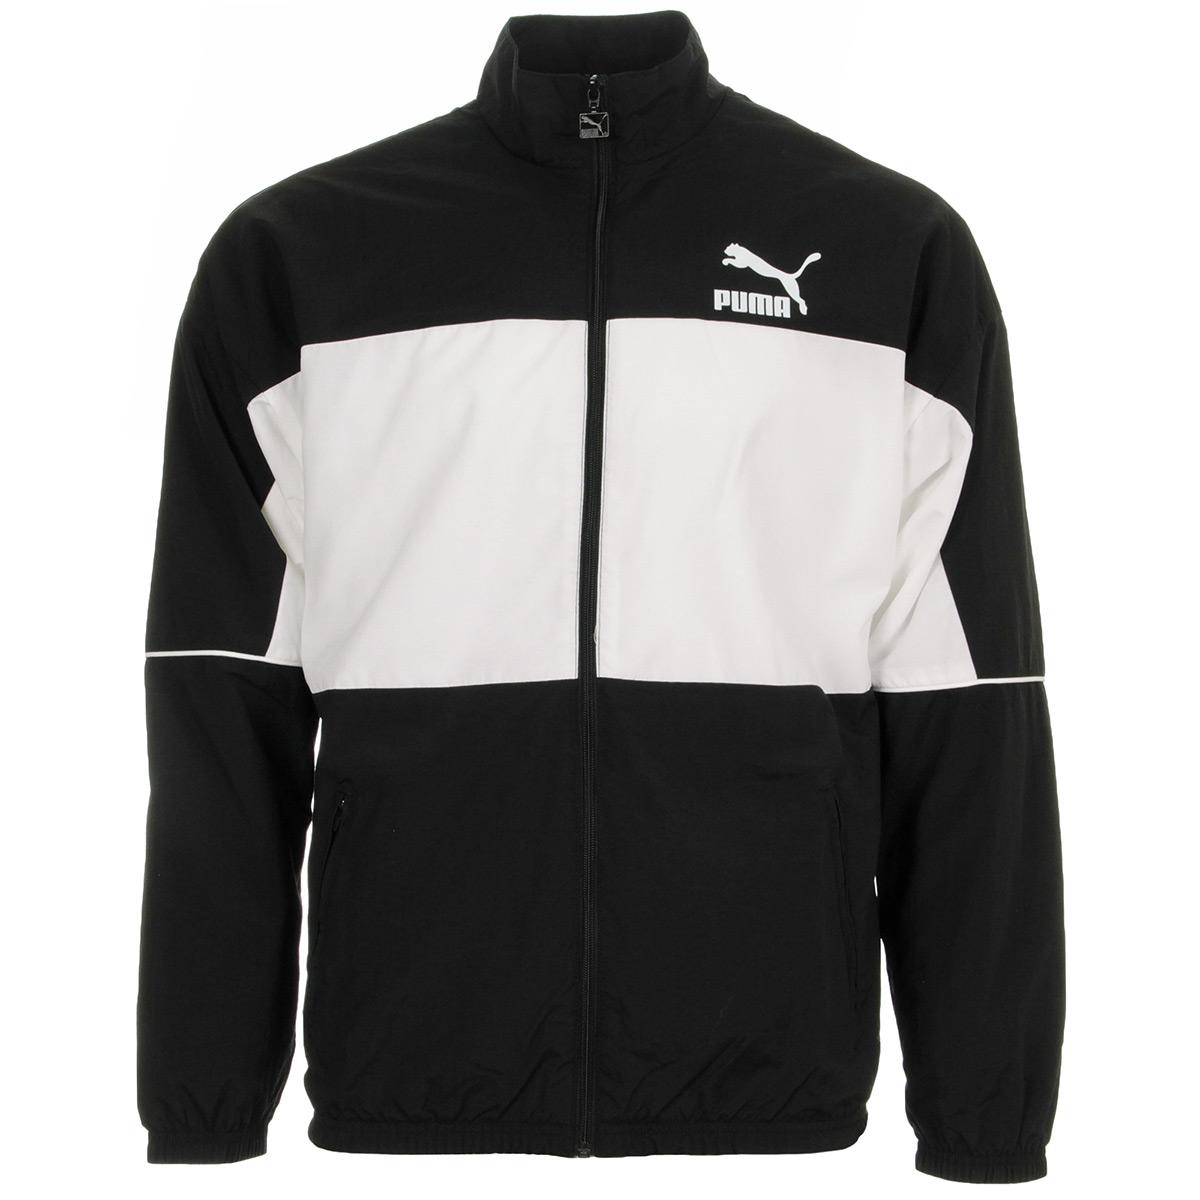 Puma Retro Woven Track Jacket 57637601, Sweats homme b0fec9f0547